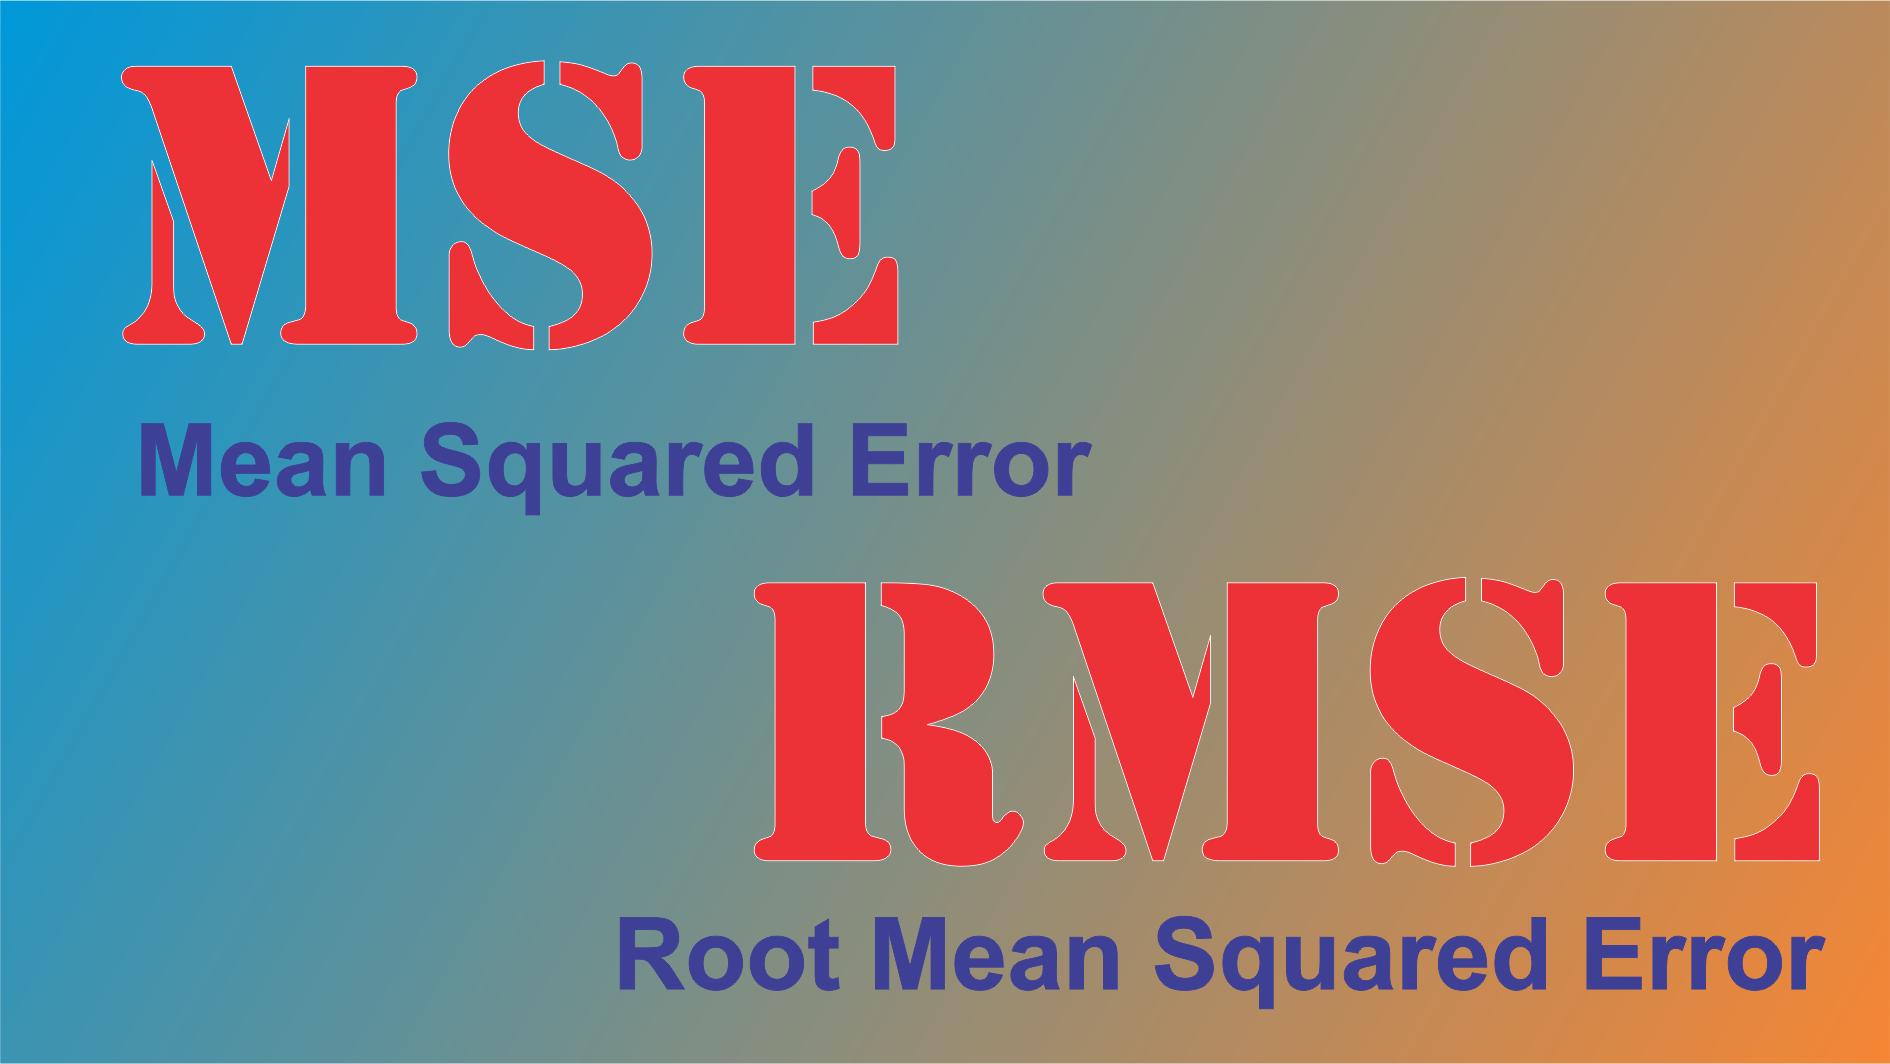 rmse - MSE và RMSE là gì và cách tính trên STATA